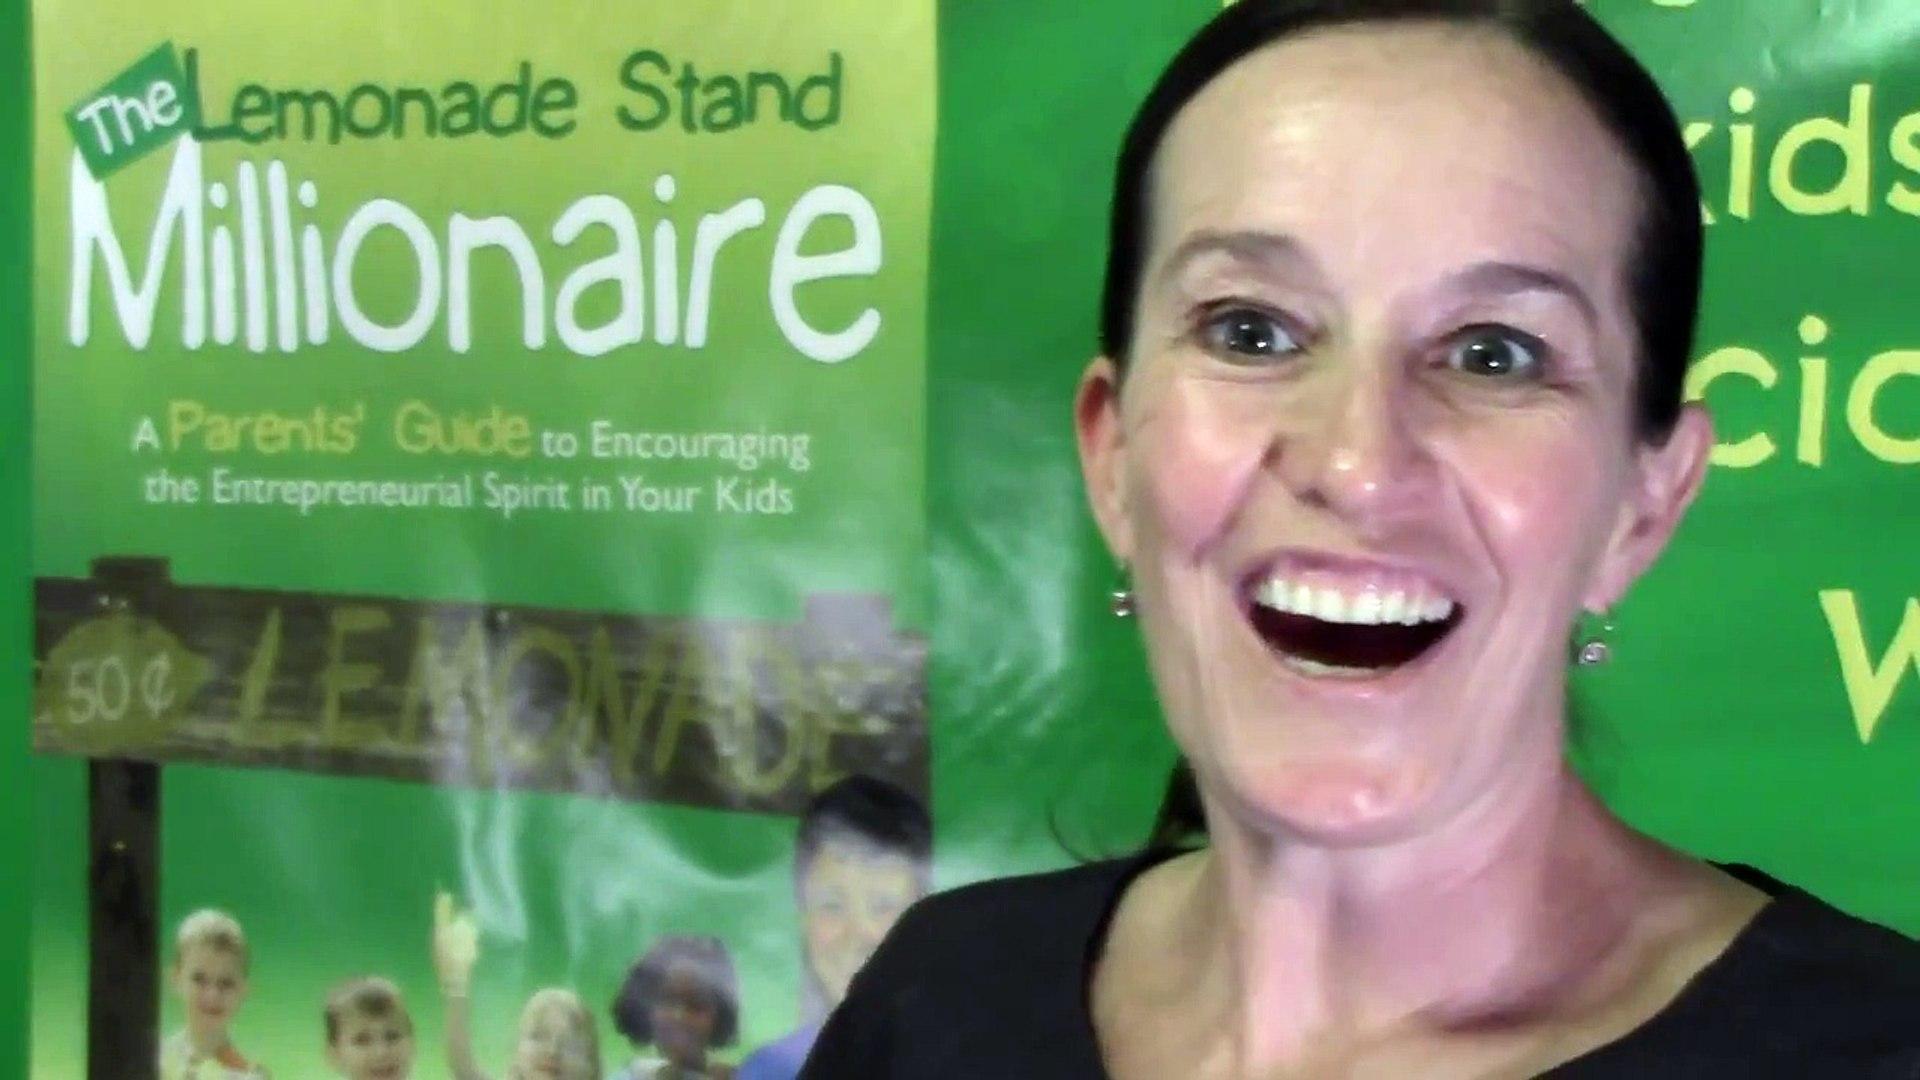 Money Tips for Kids, Education Jar The Lemonade Stand Millionaire